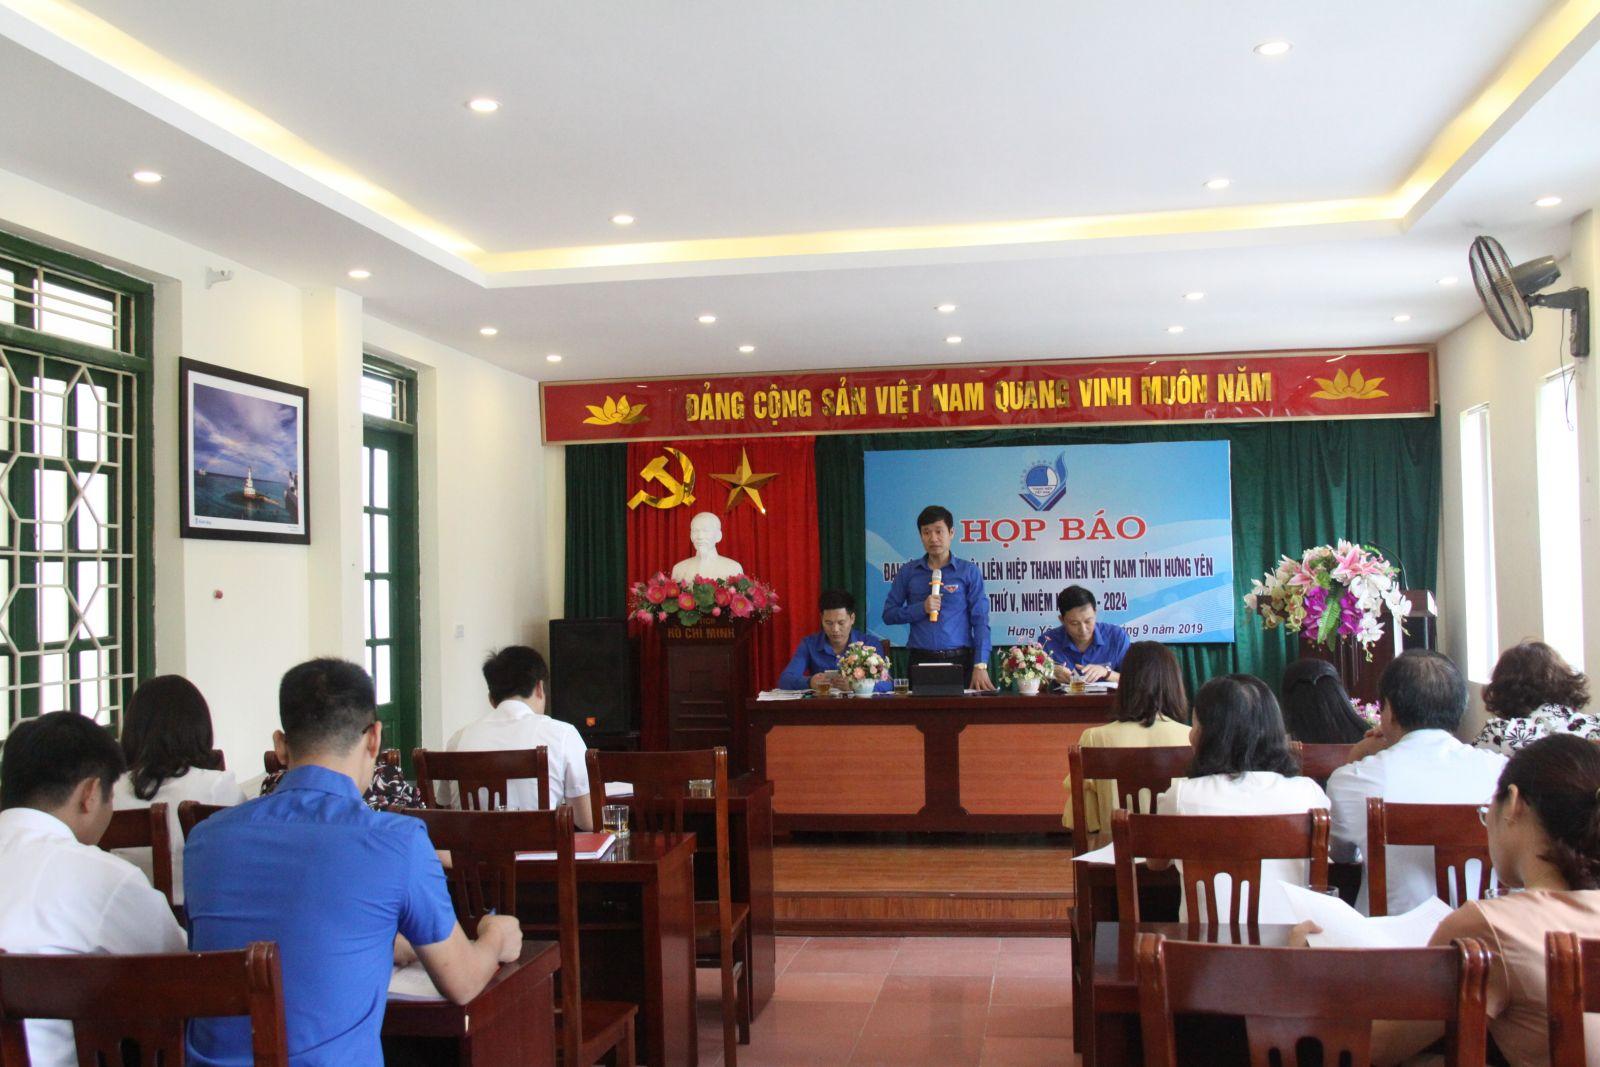 Họp báo tuyên truyền về Đại hội Đại biểu Hội LHTN Việt Nam tỉnh lần thứ V, nhiệm kỳ 2019 - 2024